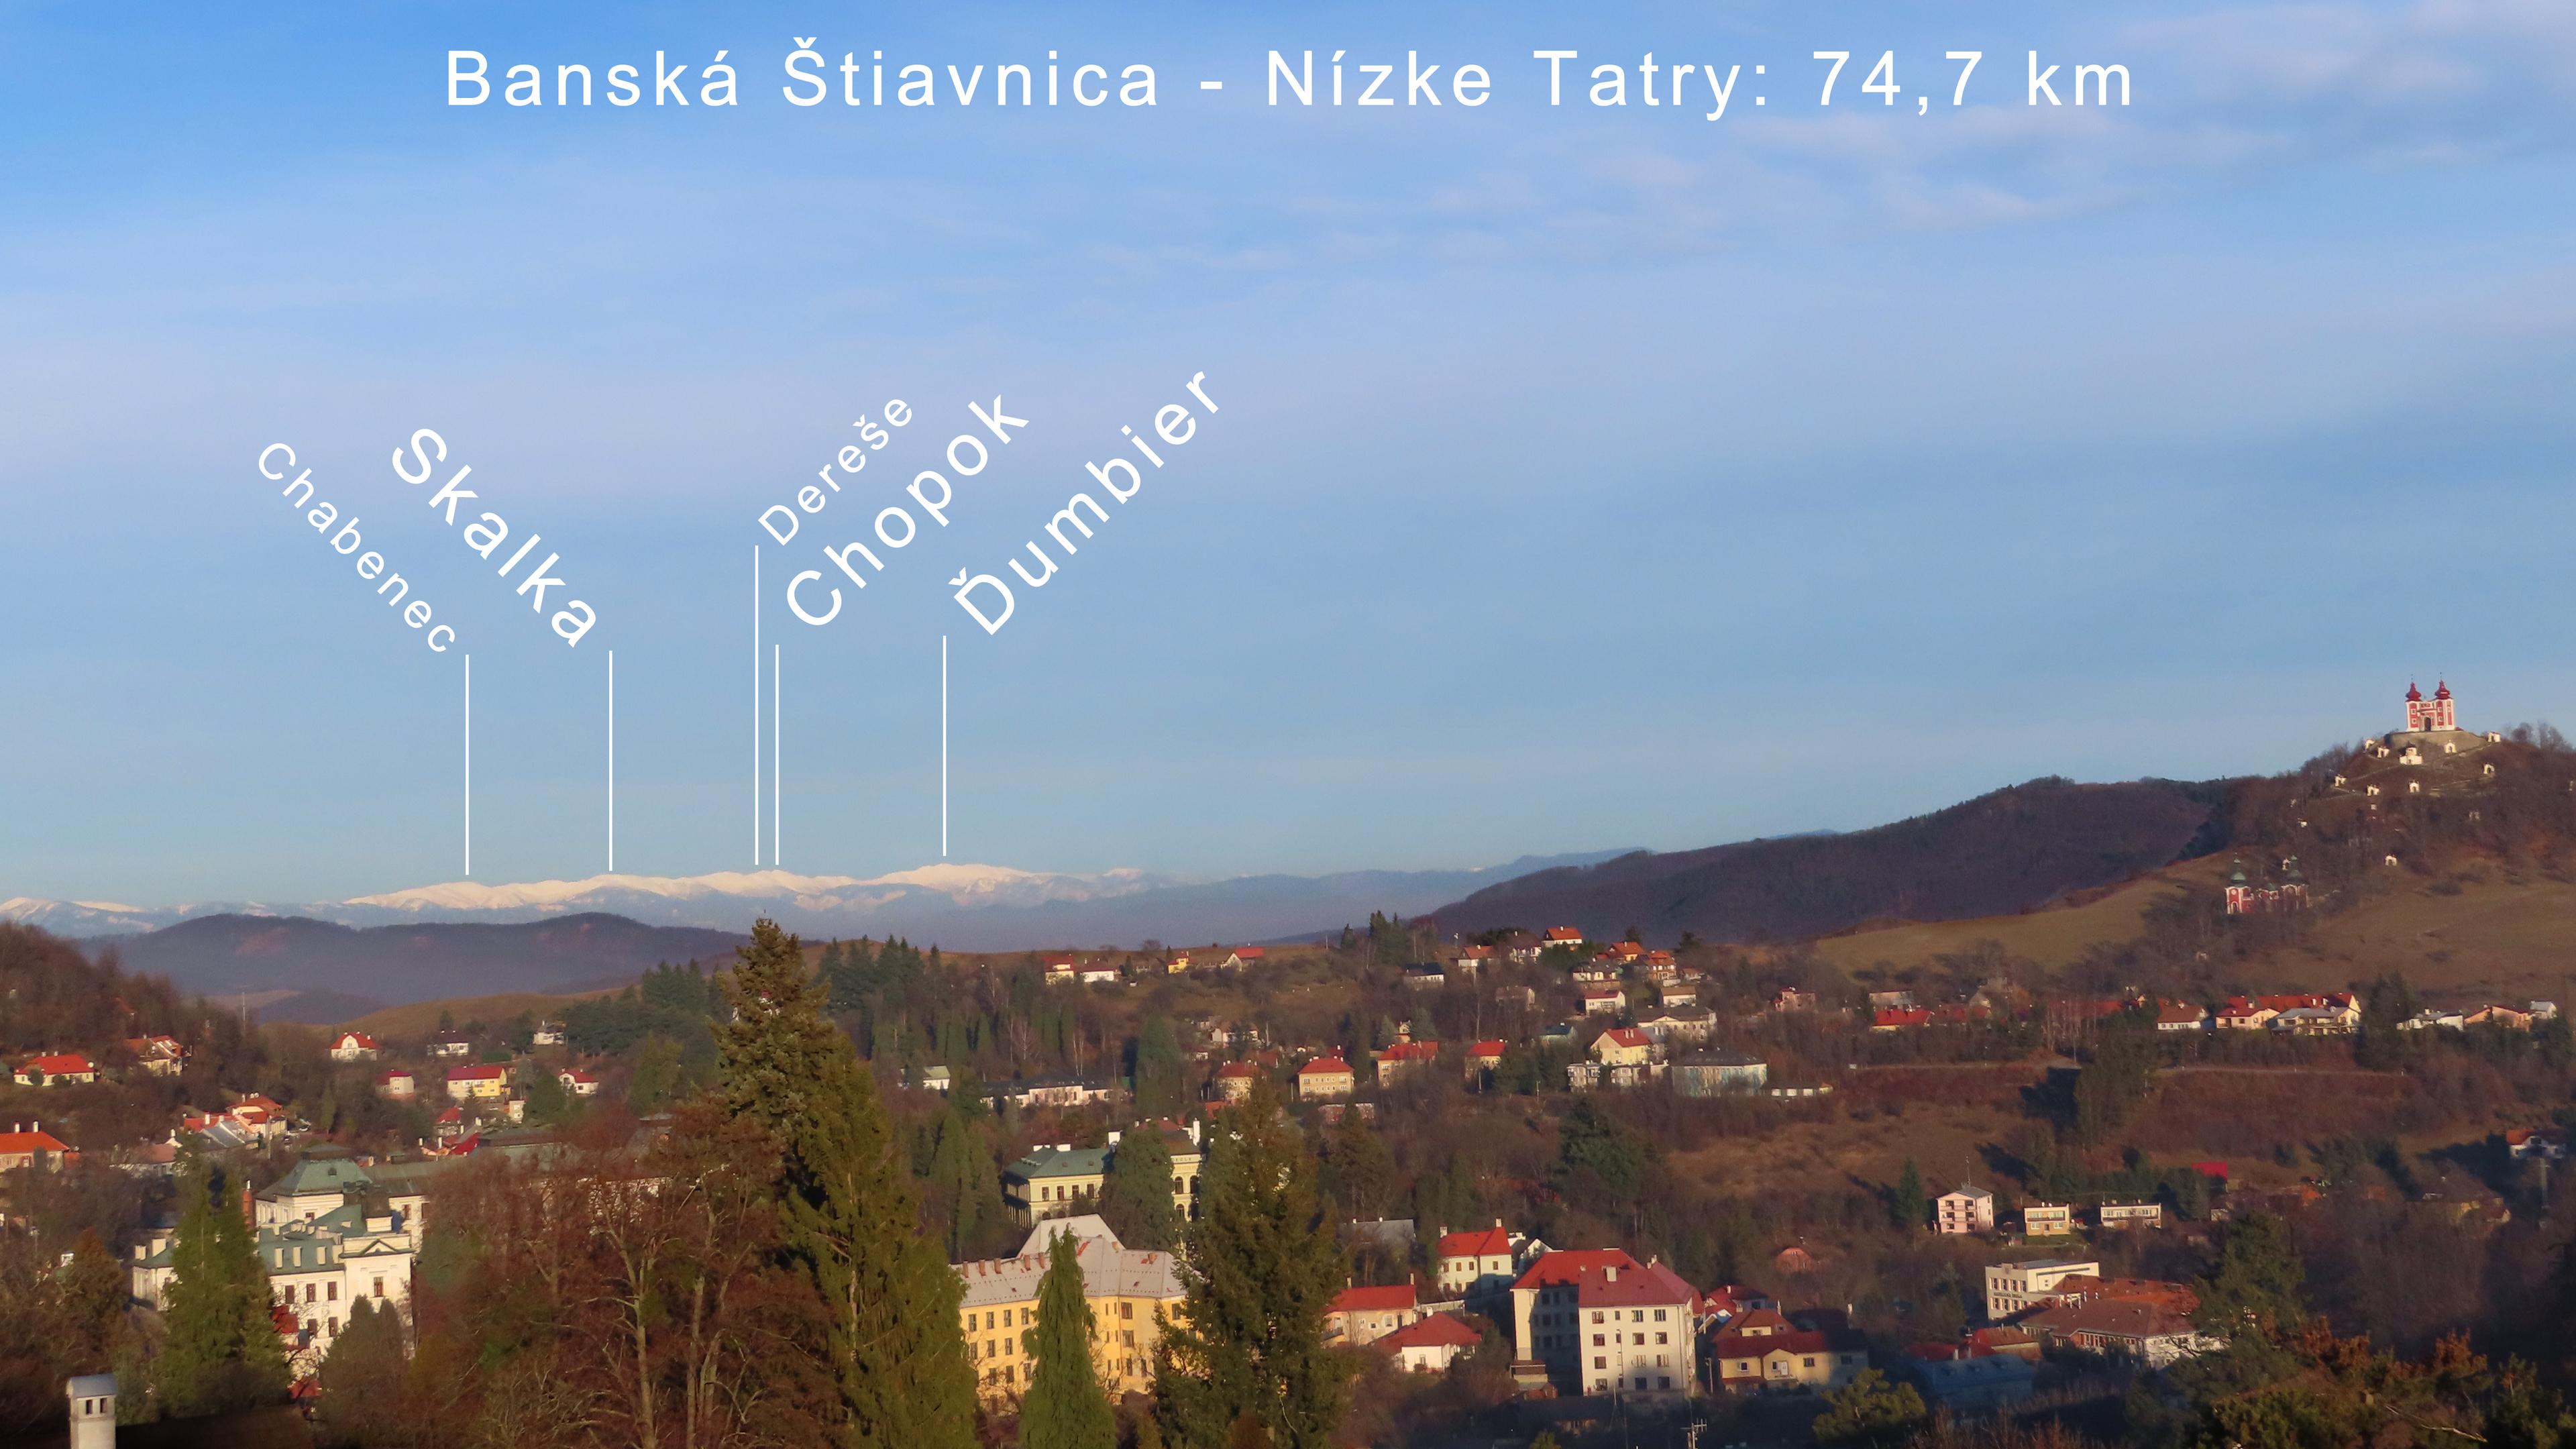 Nízke Tatry z Banskej Štiavnice